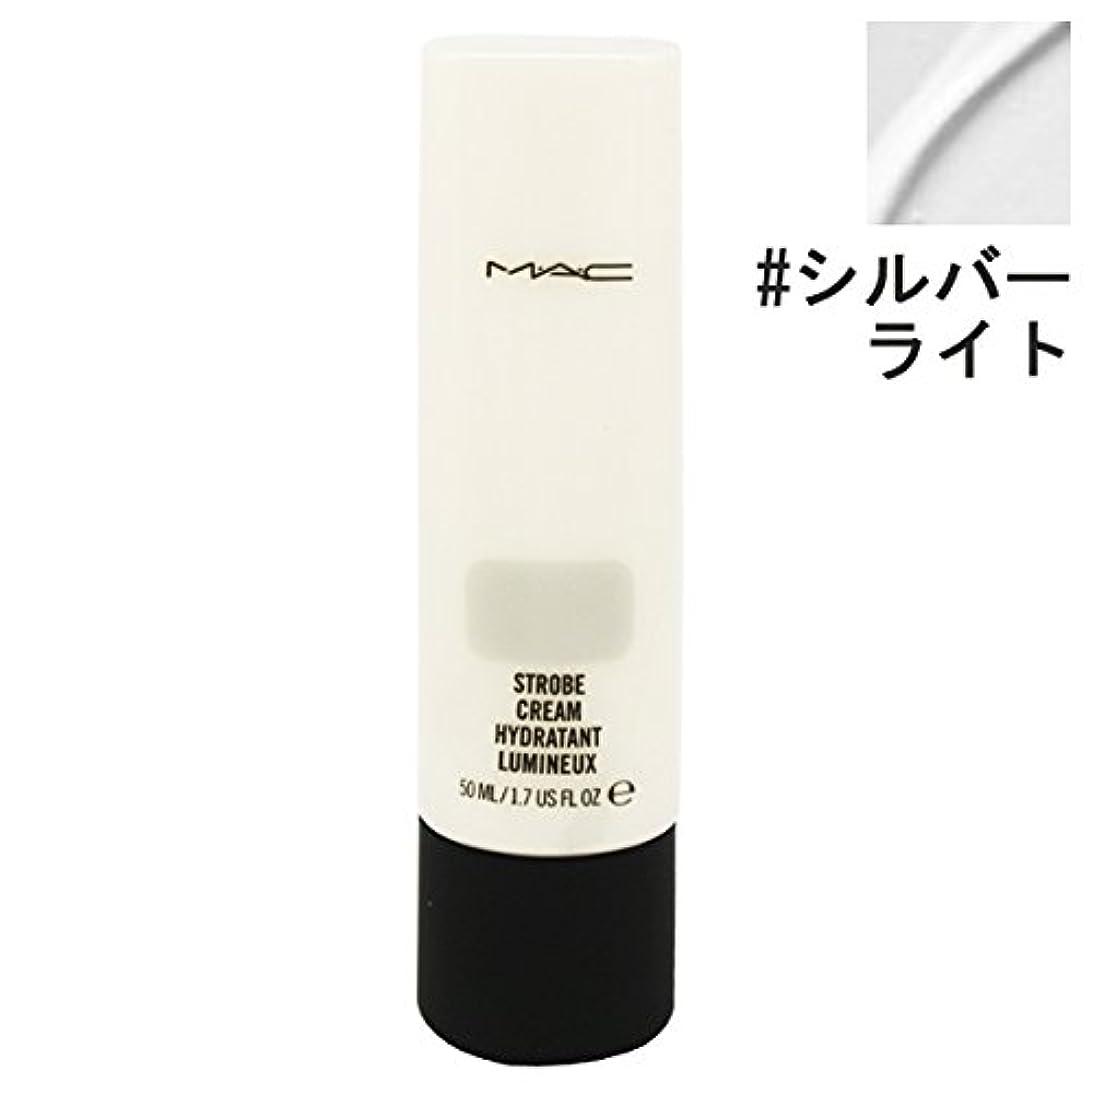 状況海里パターンマック(MAC) ストロボ クリーム シルバー ライト/Silver Light 50ml [並行輸入品]